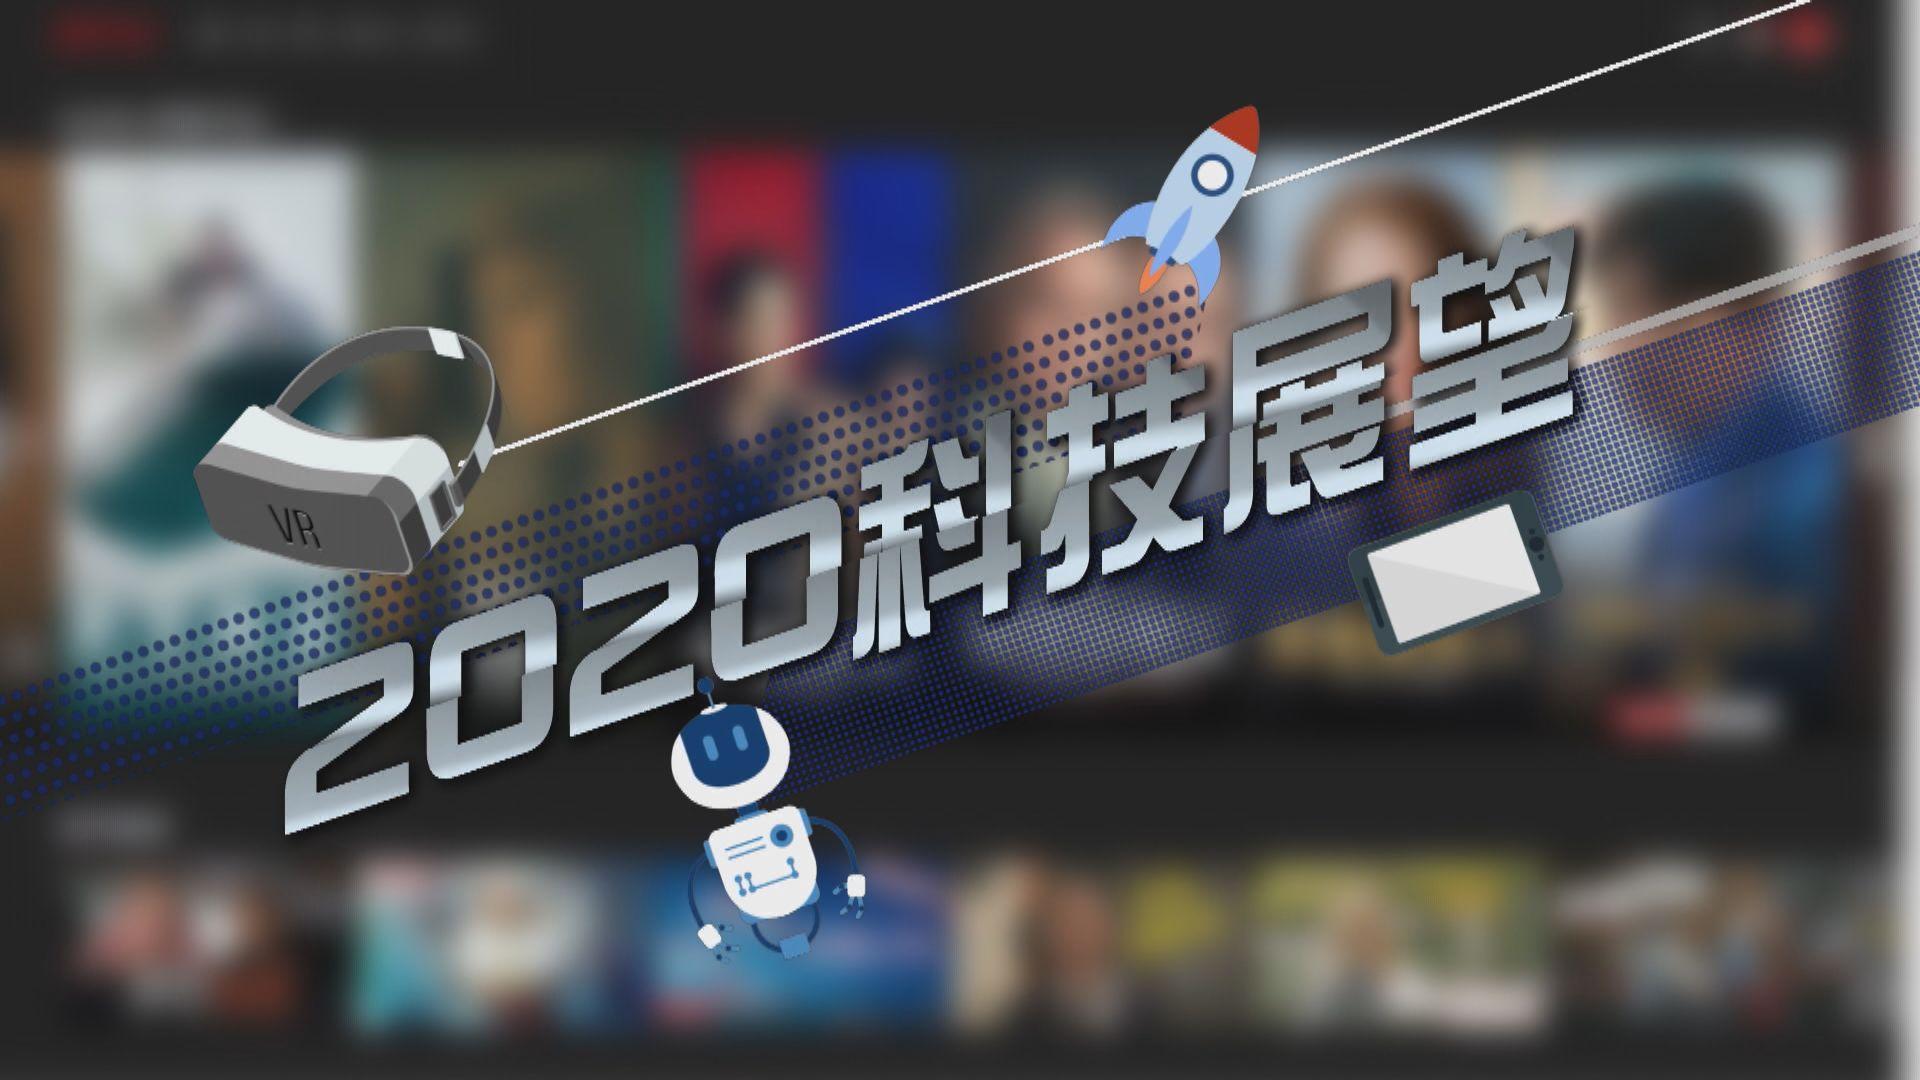 【新聞智庫】有線網絡被淘汰、太空旅遊不是夢 展望2020年代科技發展